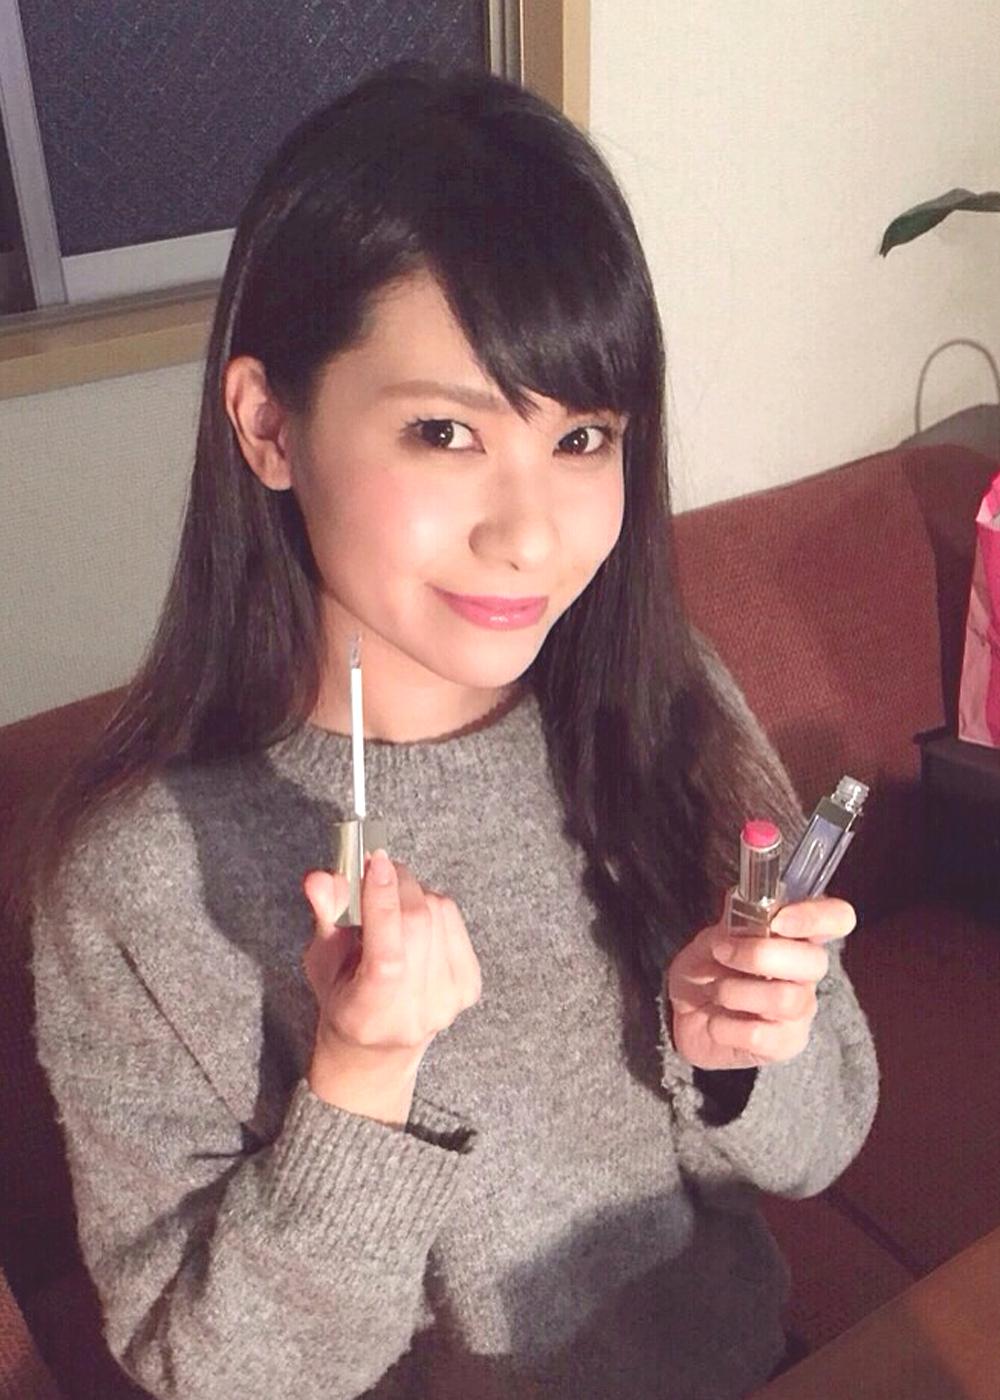 吉田奈央 (フリーアナウンサー)の画像 p1_24